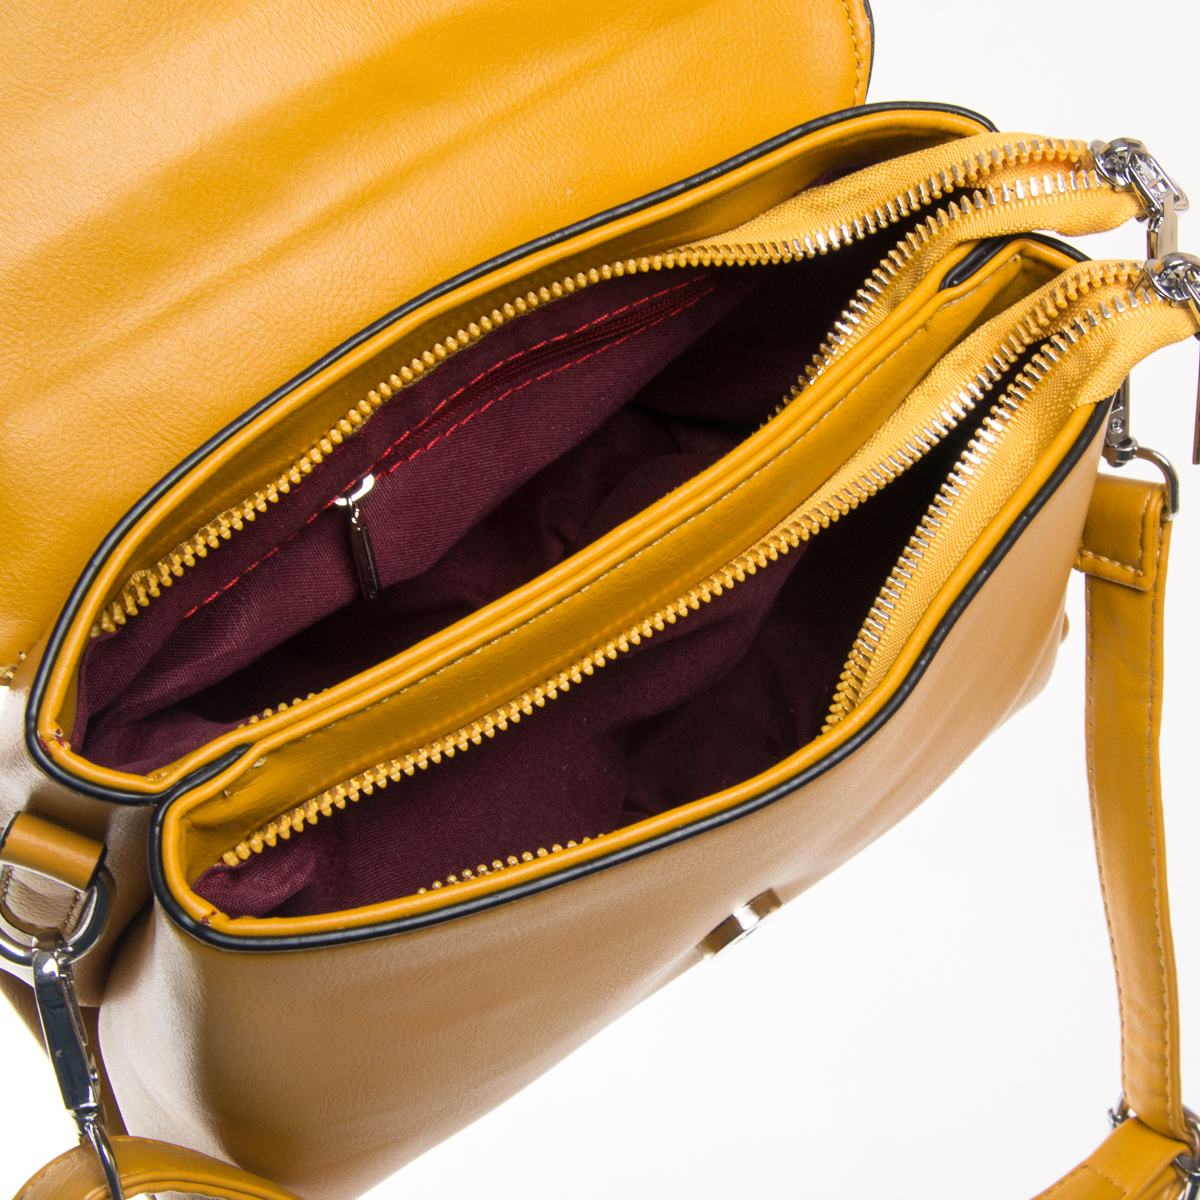 Сумка Женская Классическая иск-кожа FASHION 01-00 701 yellow - фото 5